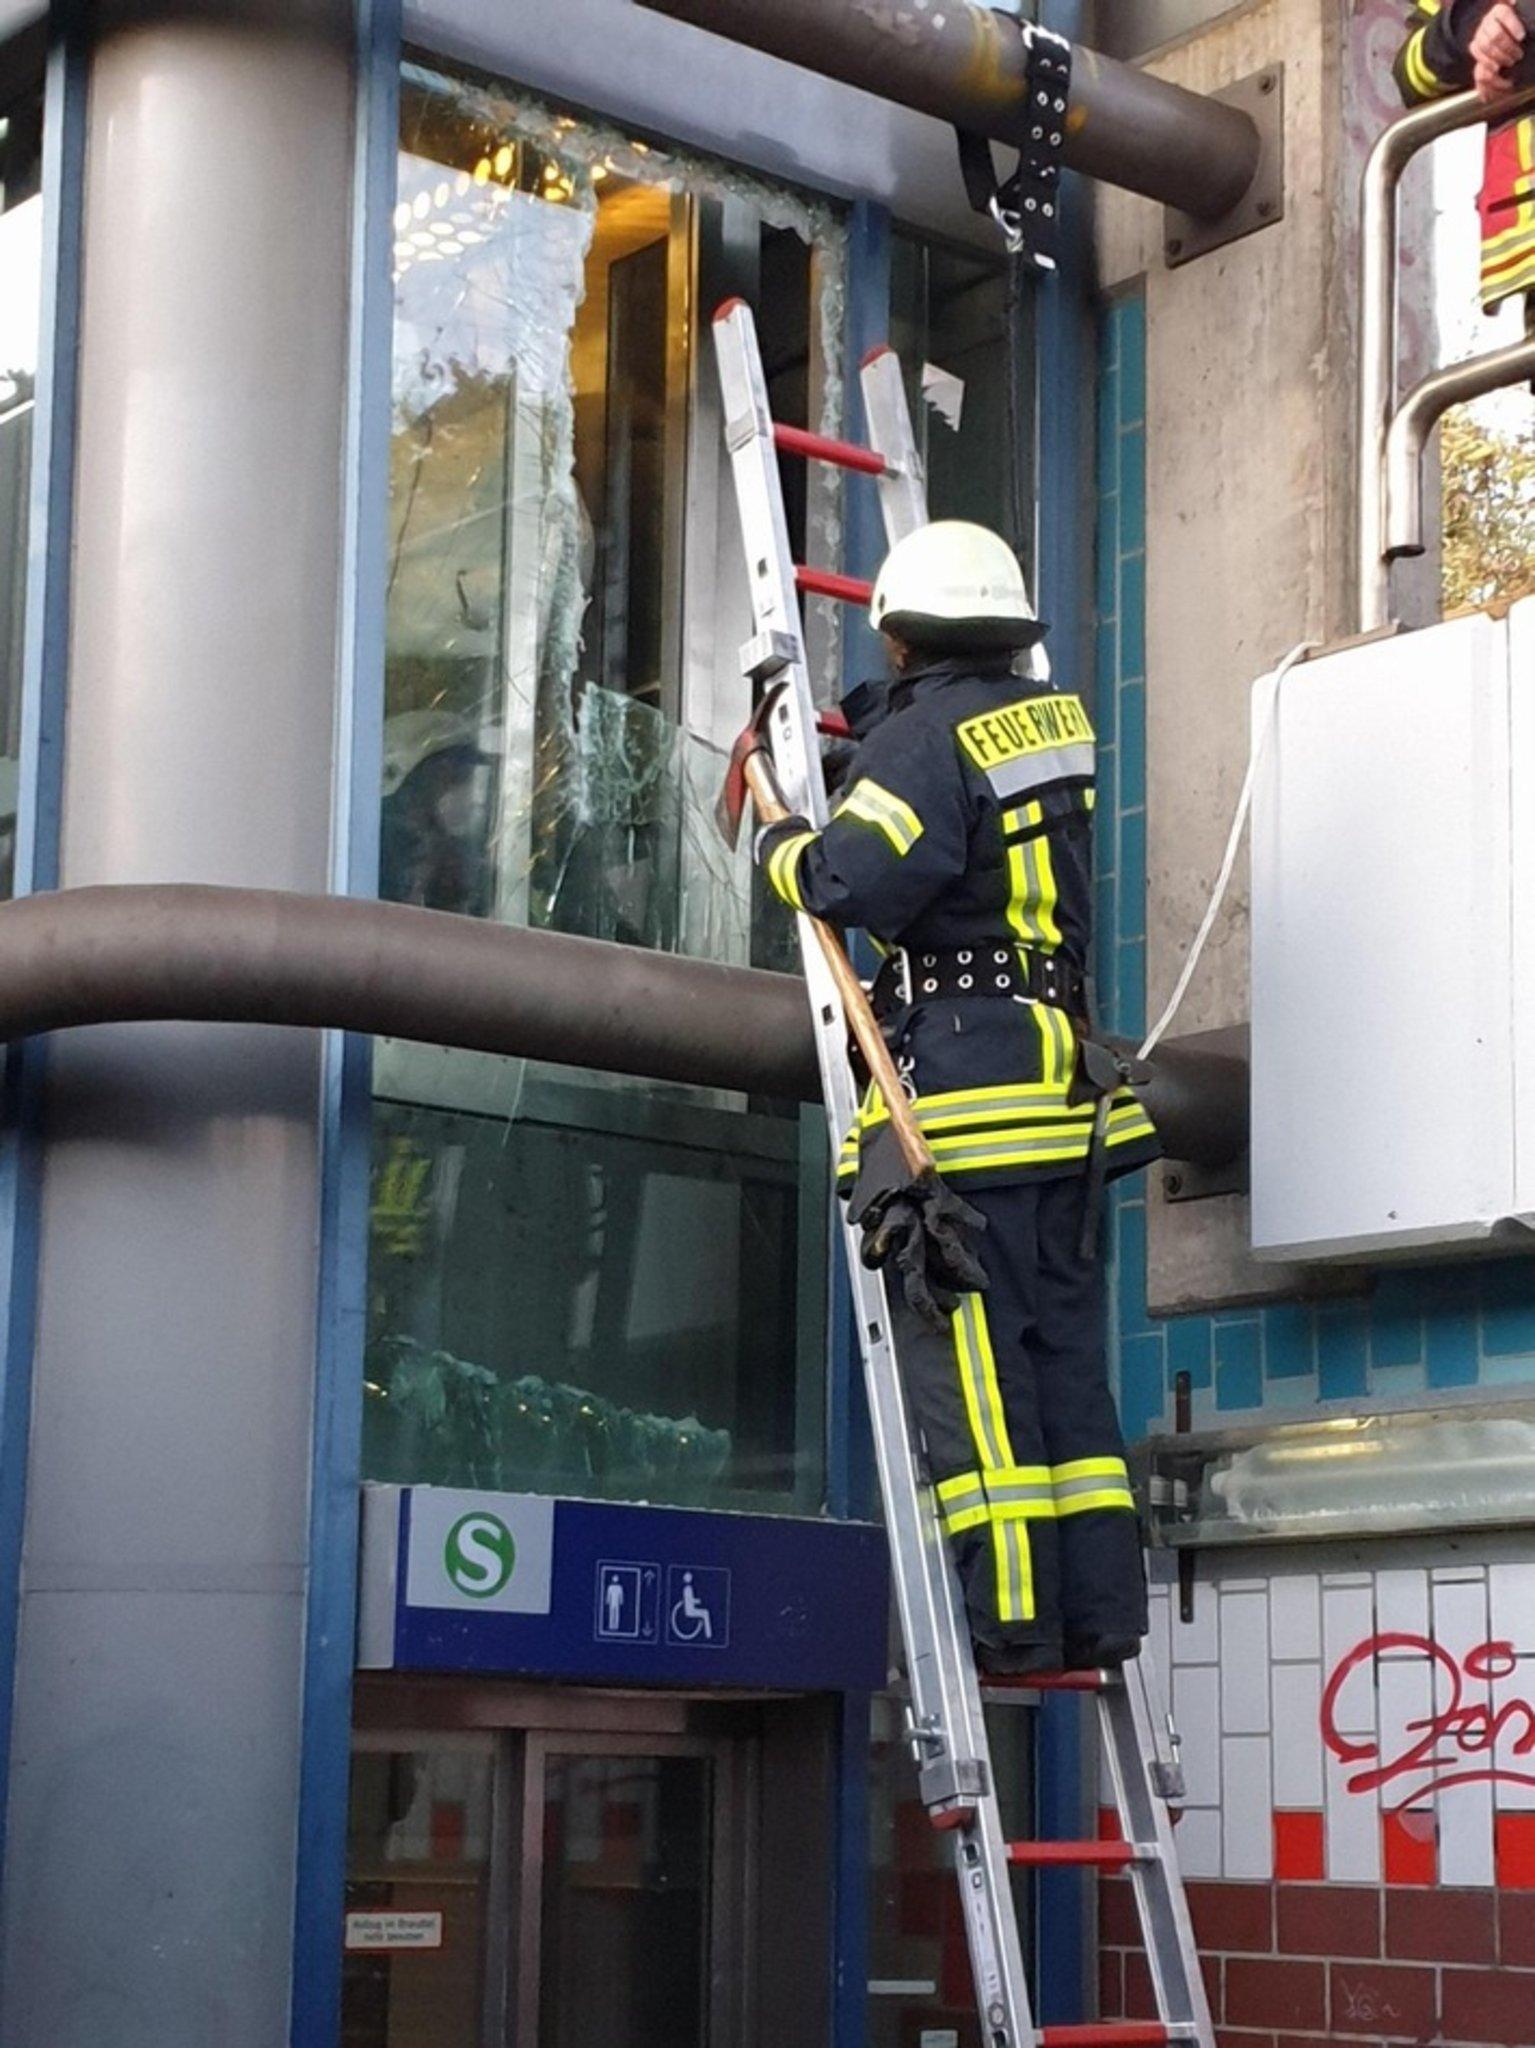 Jugendliche durch Feuerwehr aus Fahrstuhl befreit - Marl - Lokalkompass.de